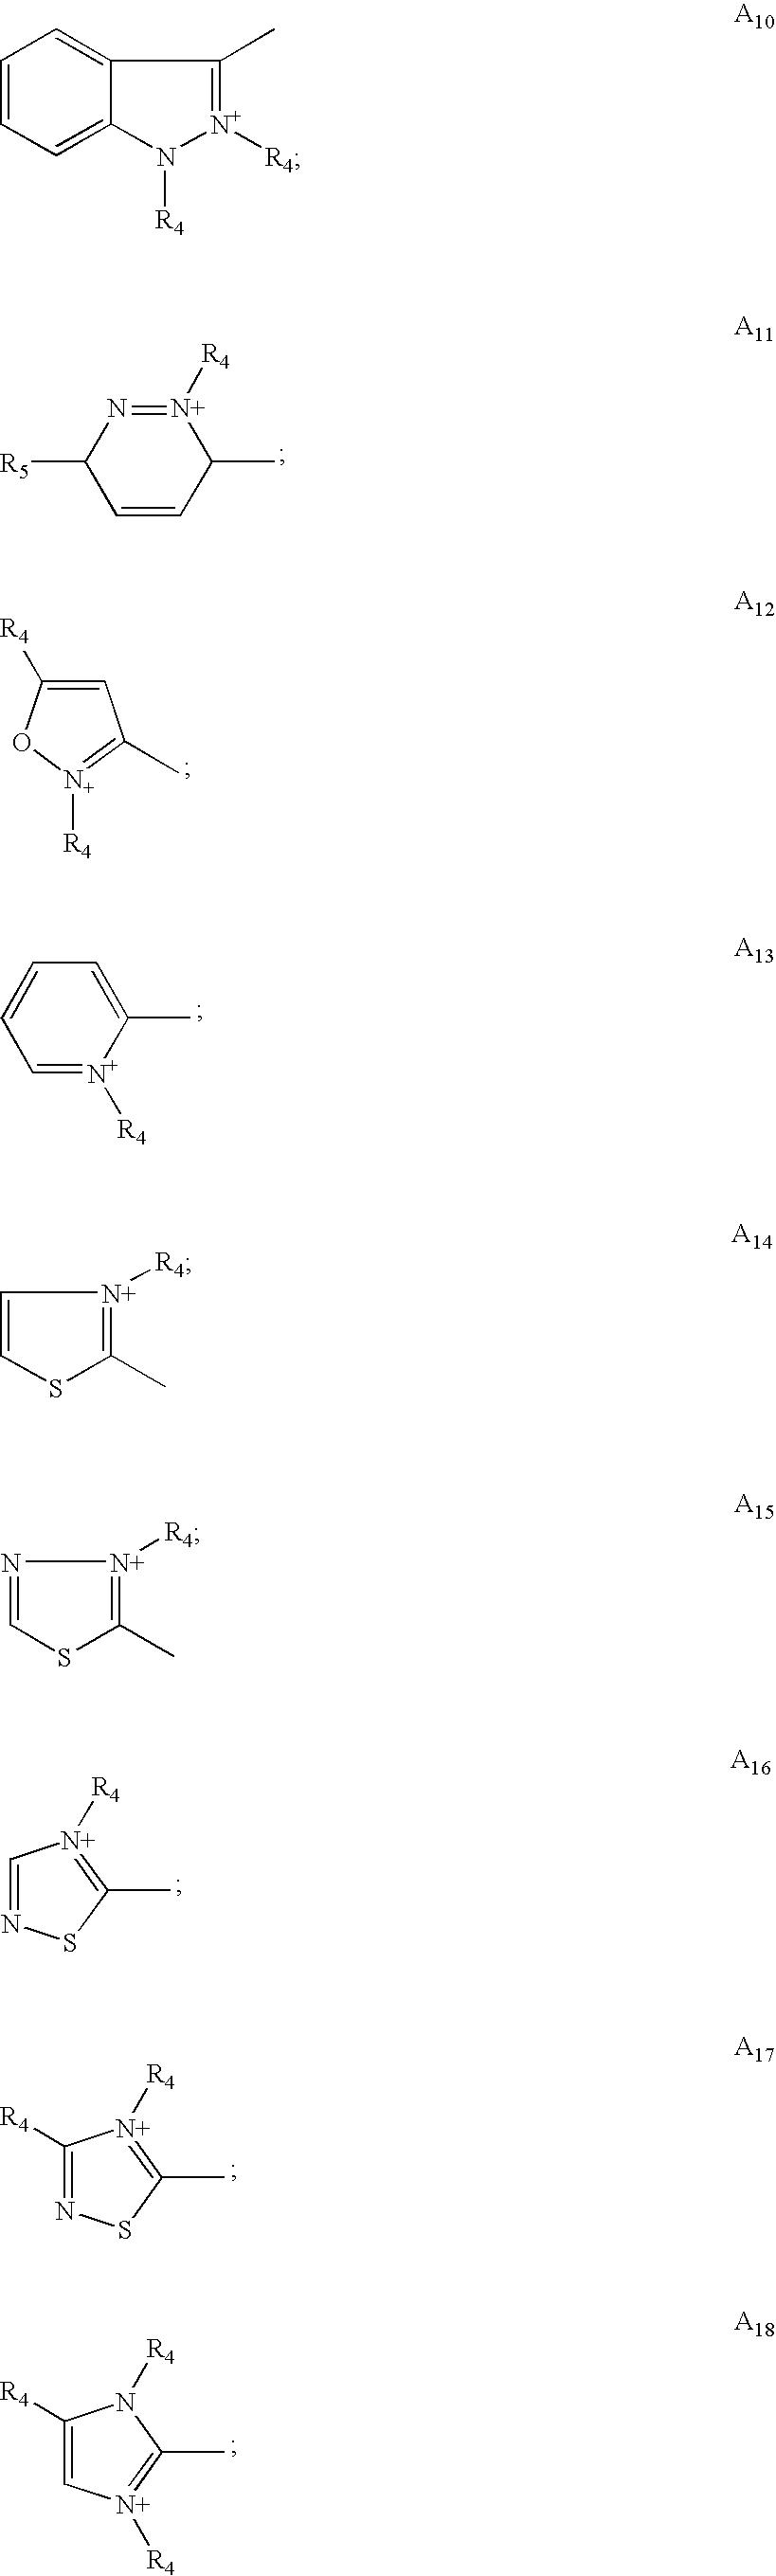 Figure US07909888-20110322-C00006